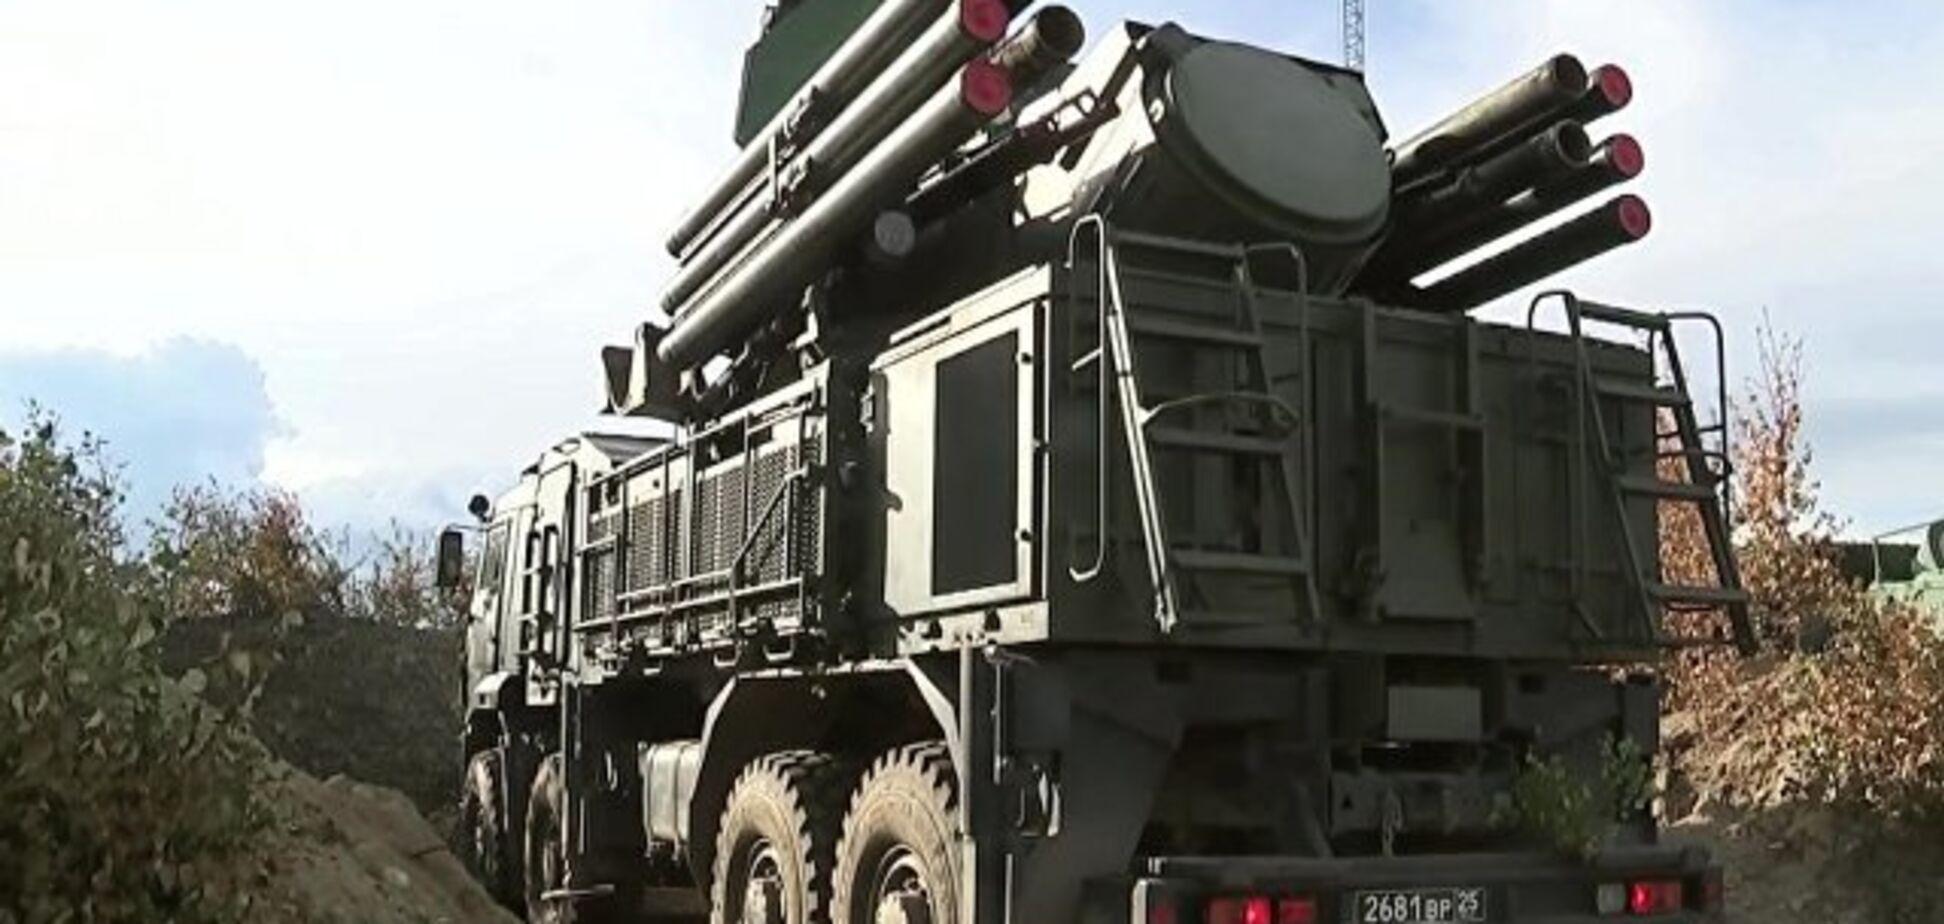 Як у Сирії та Іраку: окупанти розмістили у Криму потужне озброєння